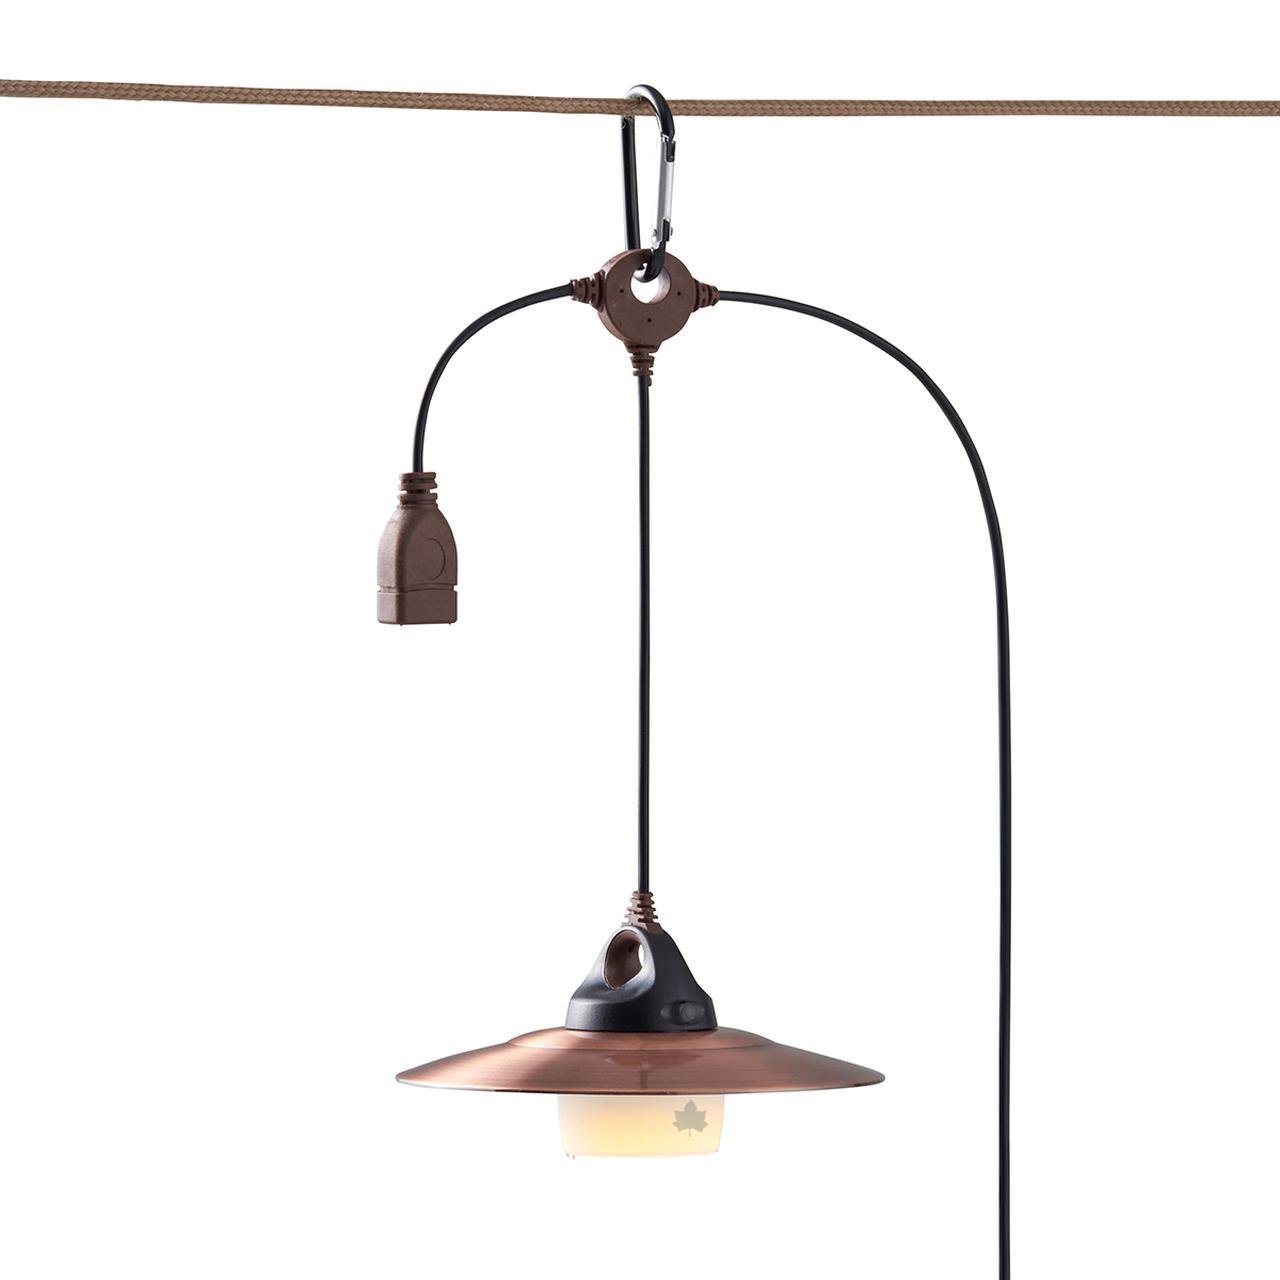 画像2: 【注目リリース】LOGOS(ロゴス)から、レトロなぬくもりを演出するUSB式LEDのデコレーションライトが新発売!